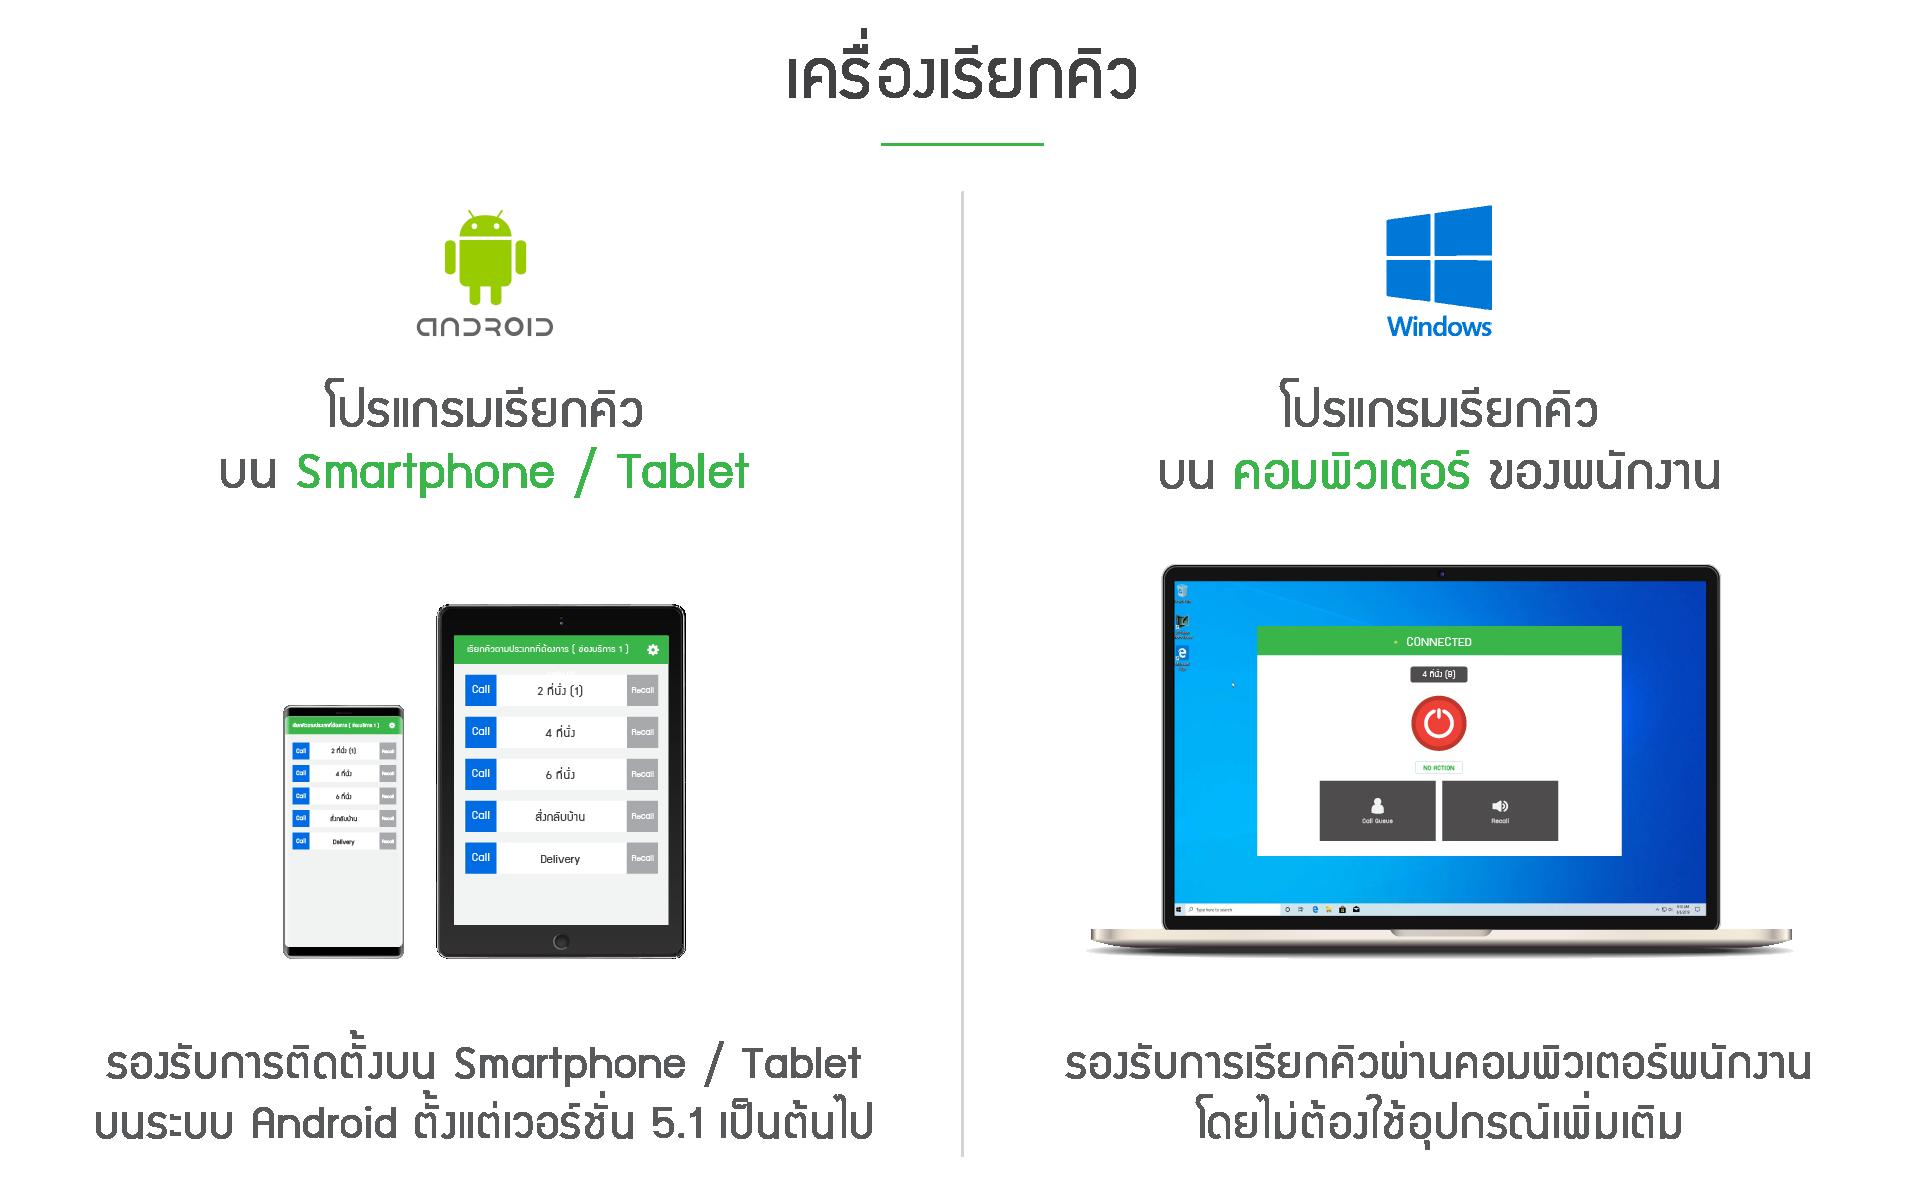 เครื่องเรียกคิว ติดตั้งได้ทั้งบนระบบ Android และ Windows